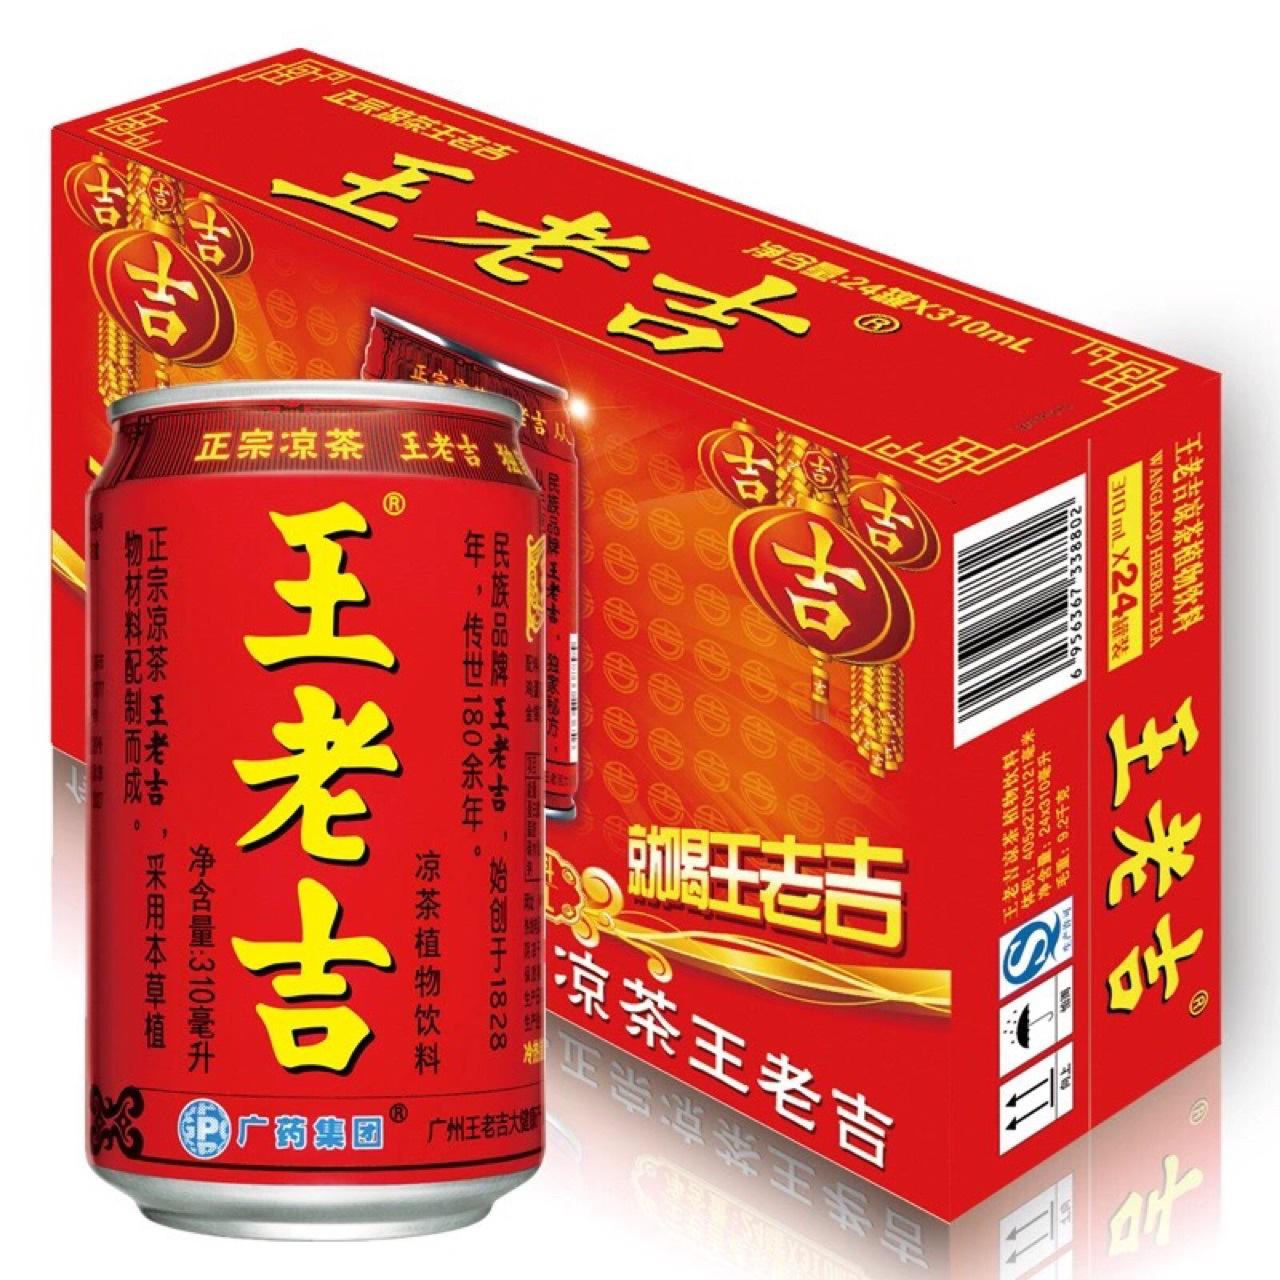 商超餐饮 饮料专供 听装 王老吉凉茶 1-20-310ml图片